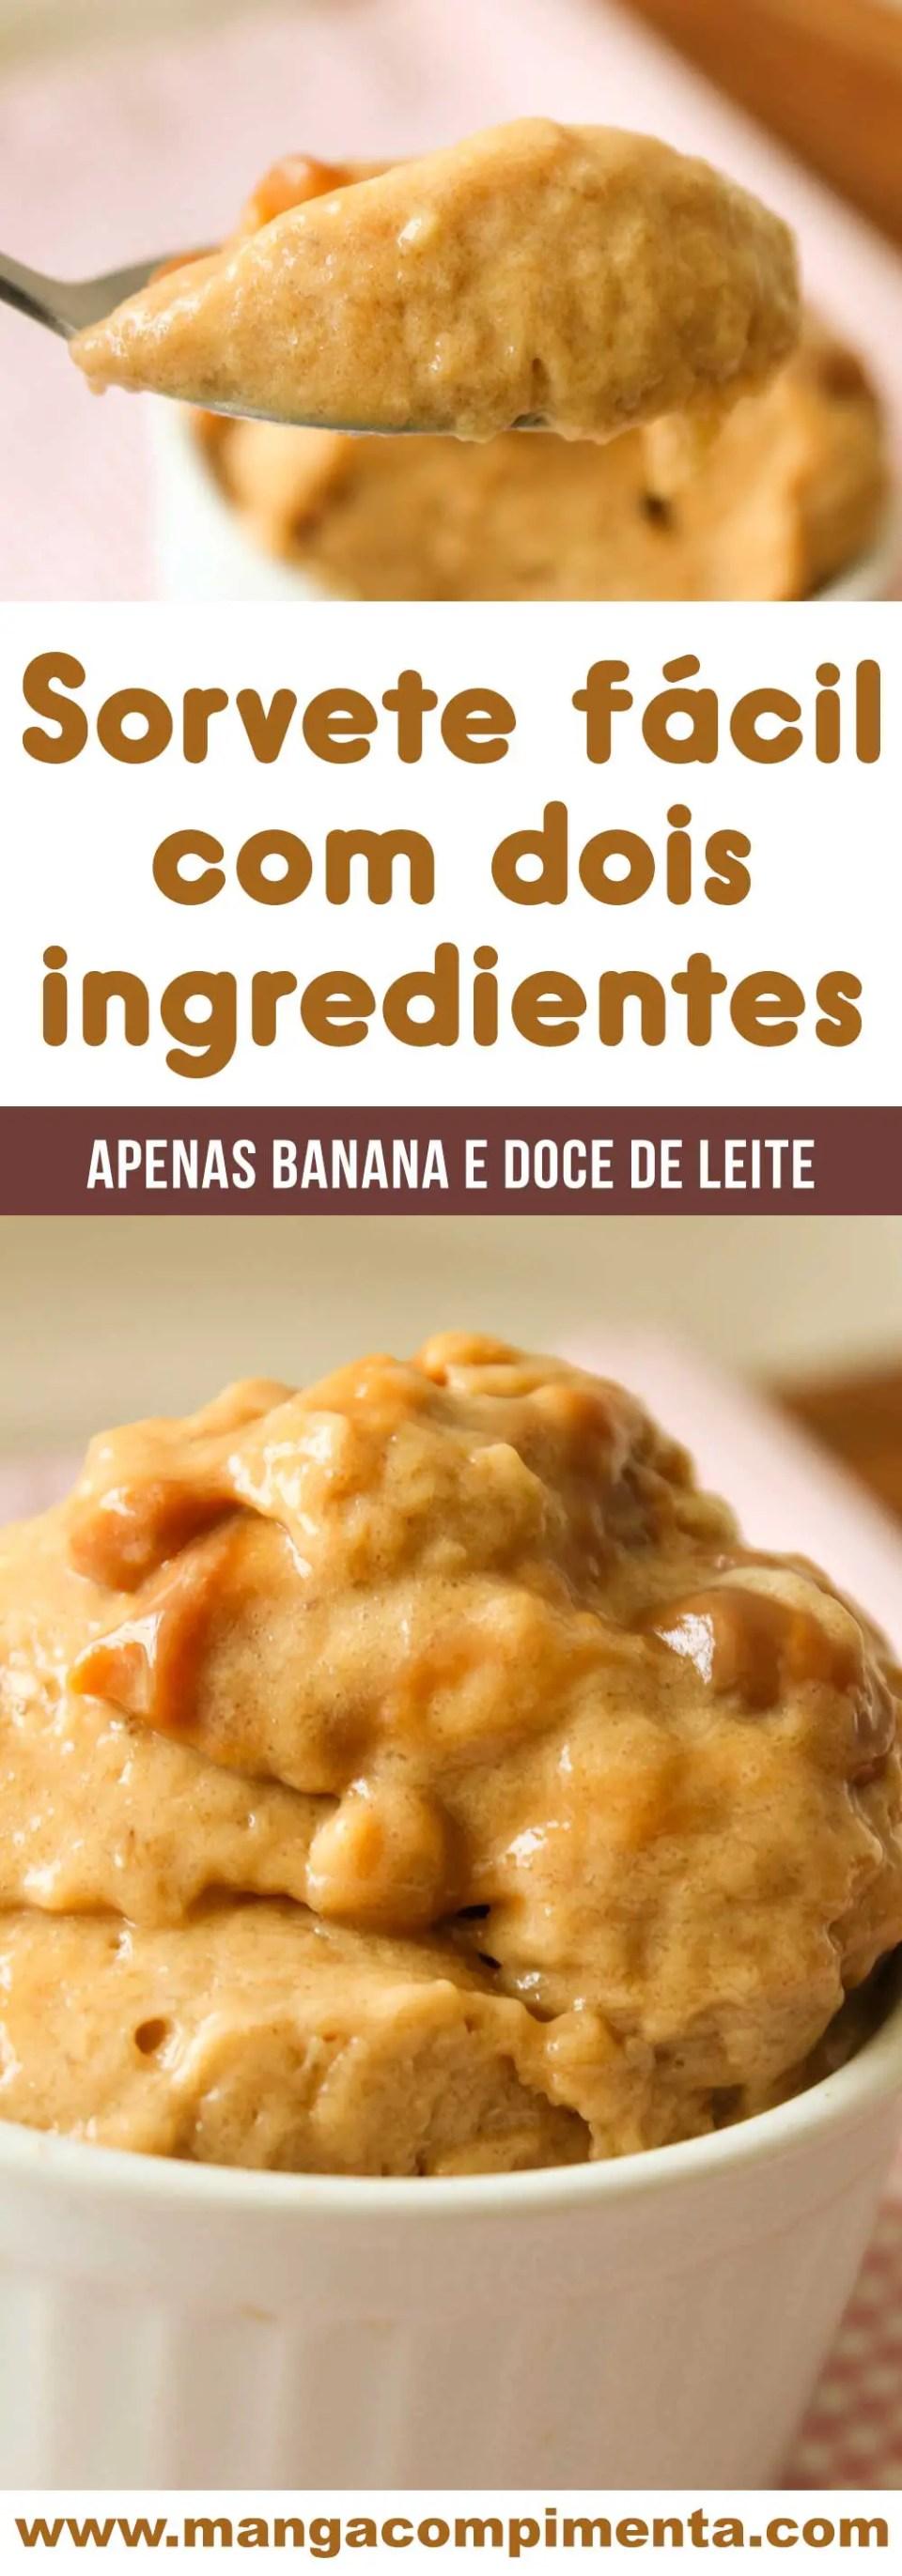 Receita de Sorvete fácil e com dois ingredientes: banana e doce de leite! Perfeito para os dias quentes de verão.